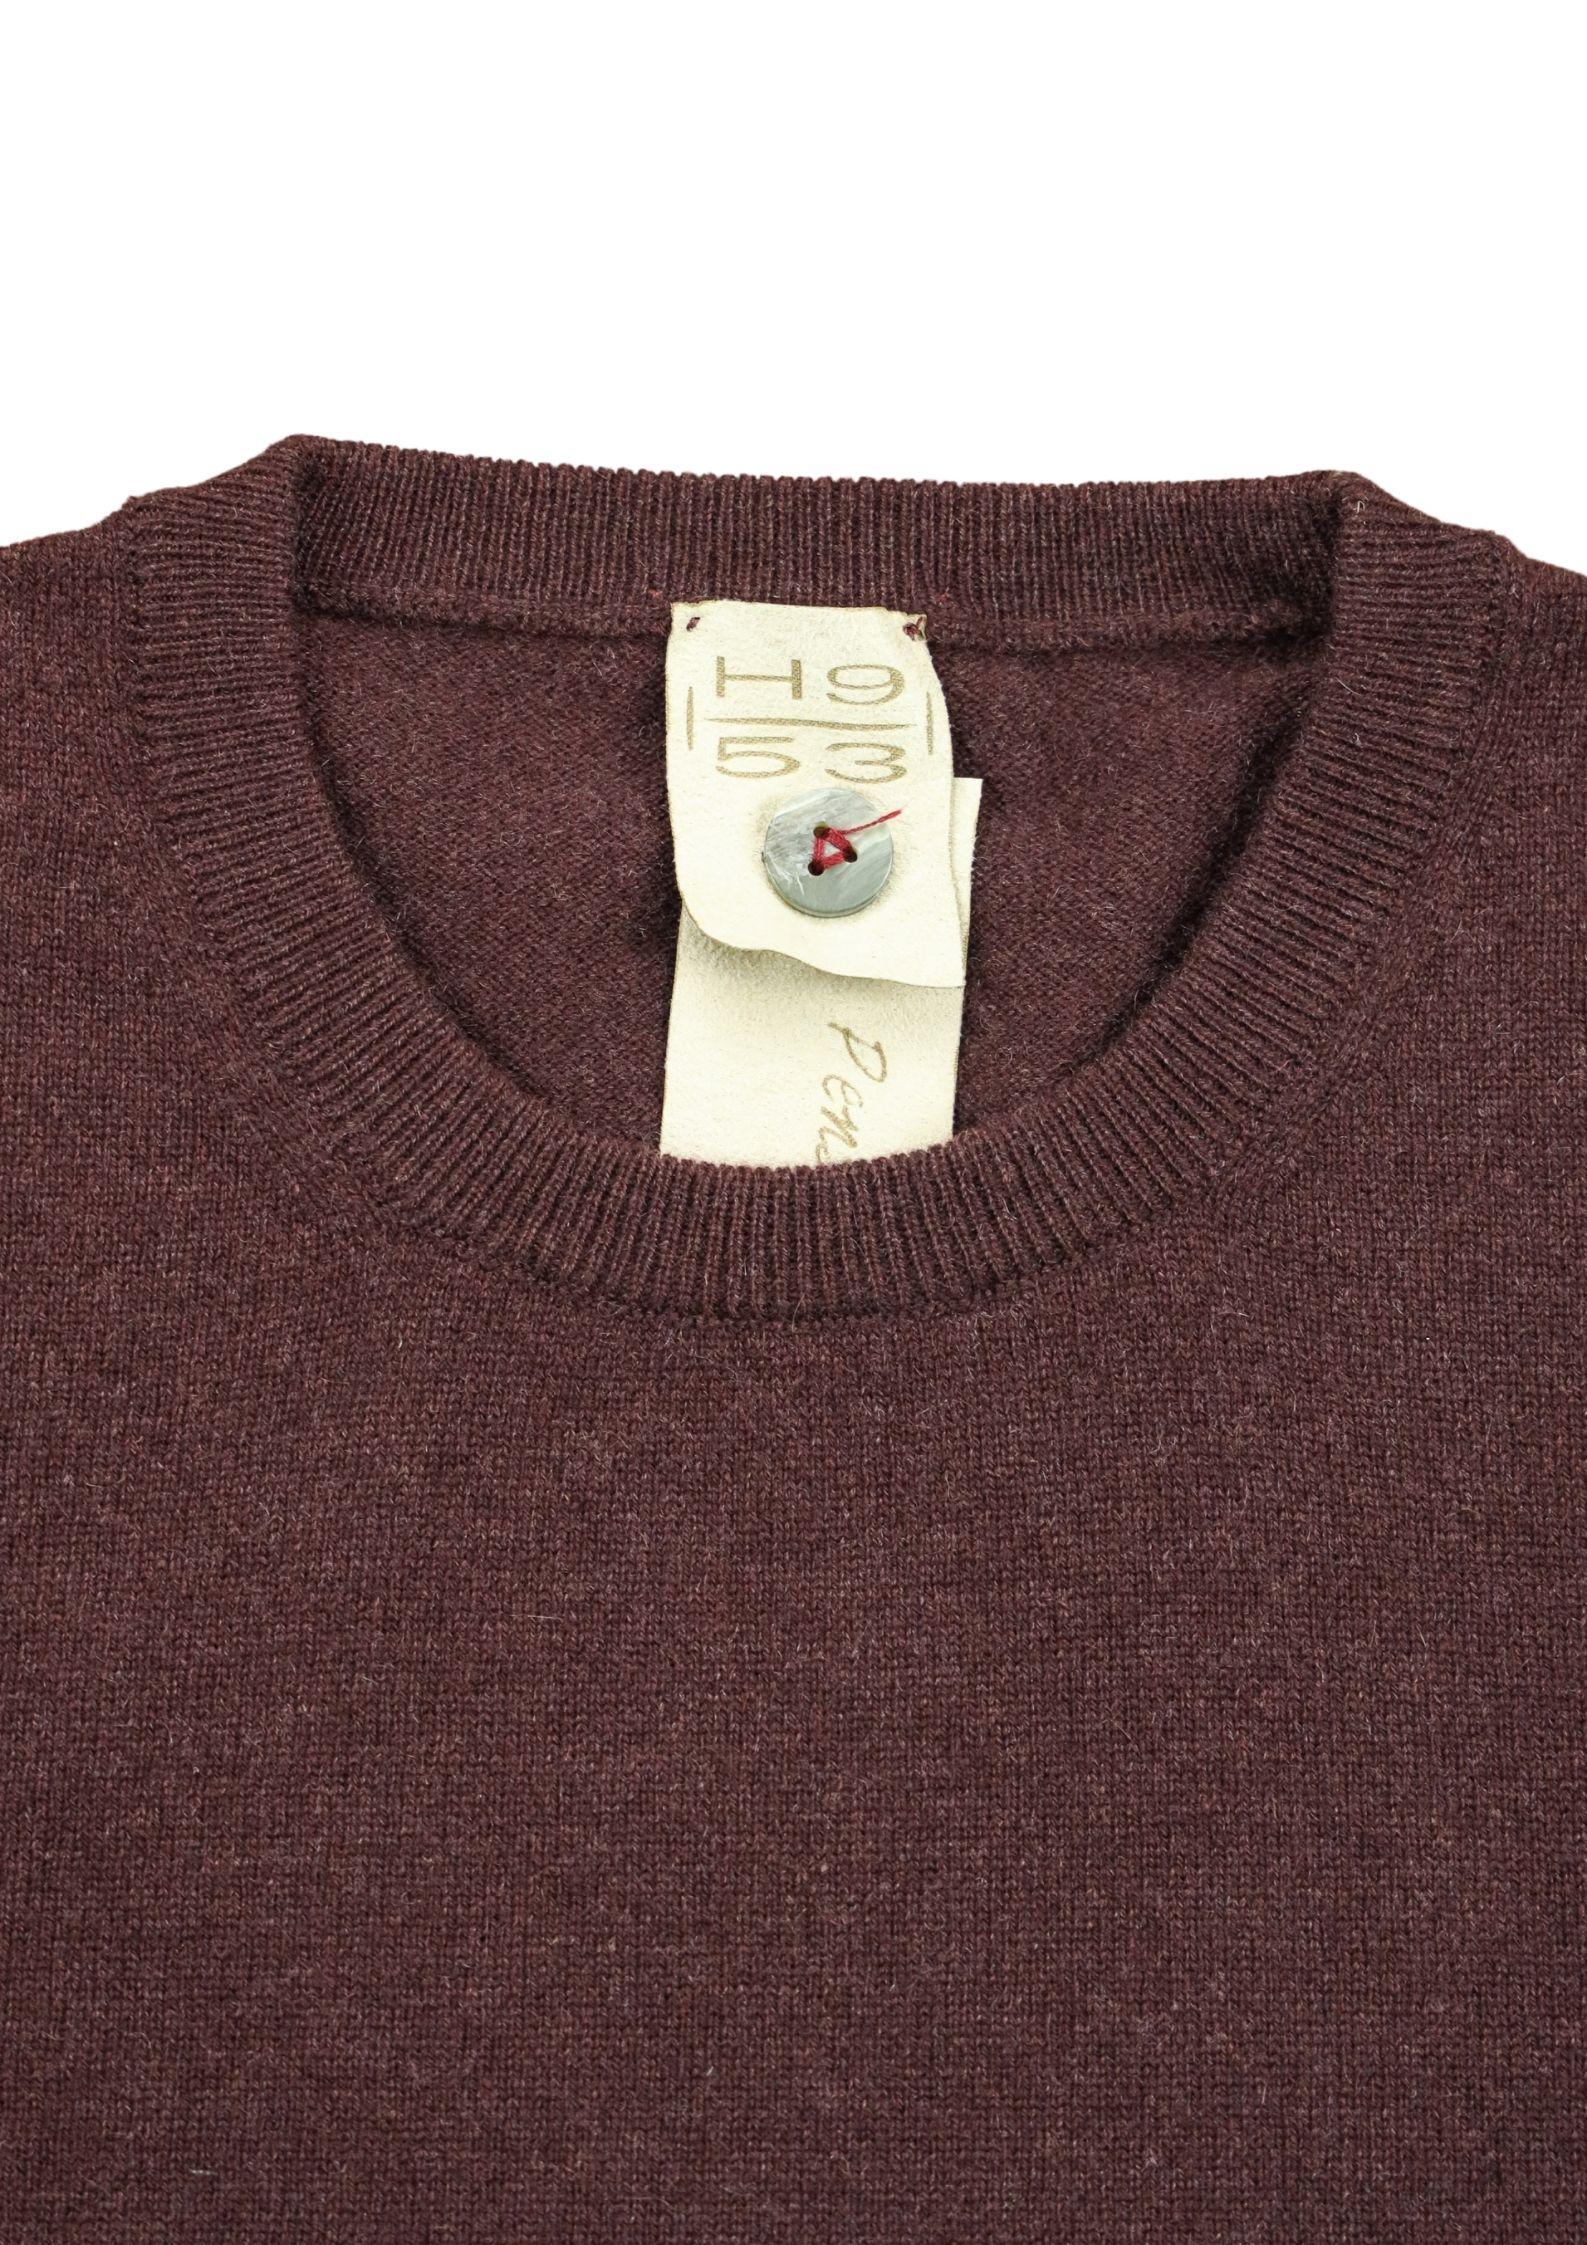 Pullover girocollo in cashmere 100%  due fili H953 | Maglieria | 299752